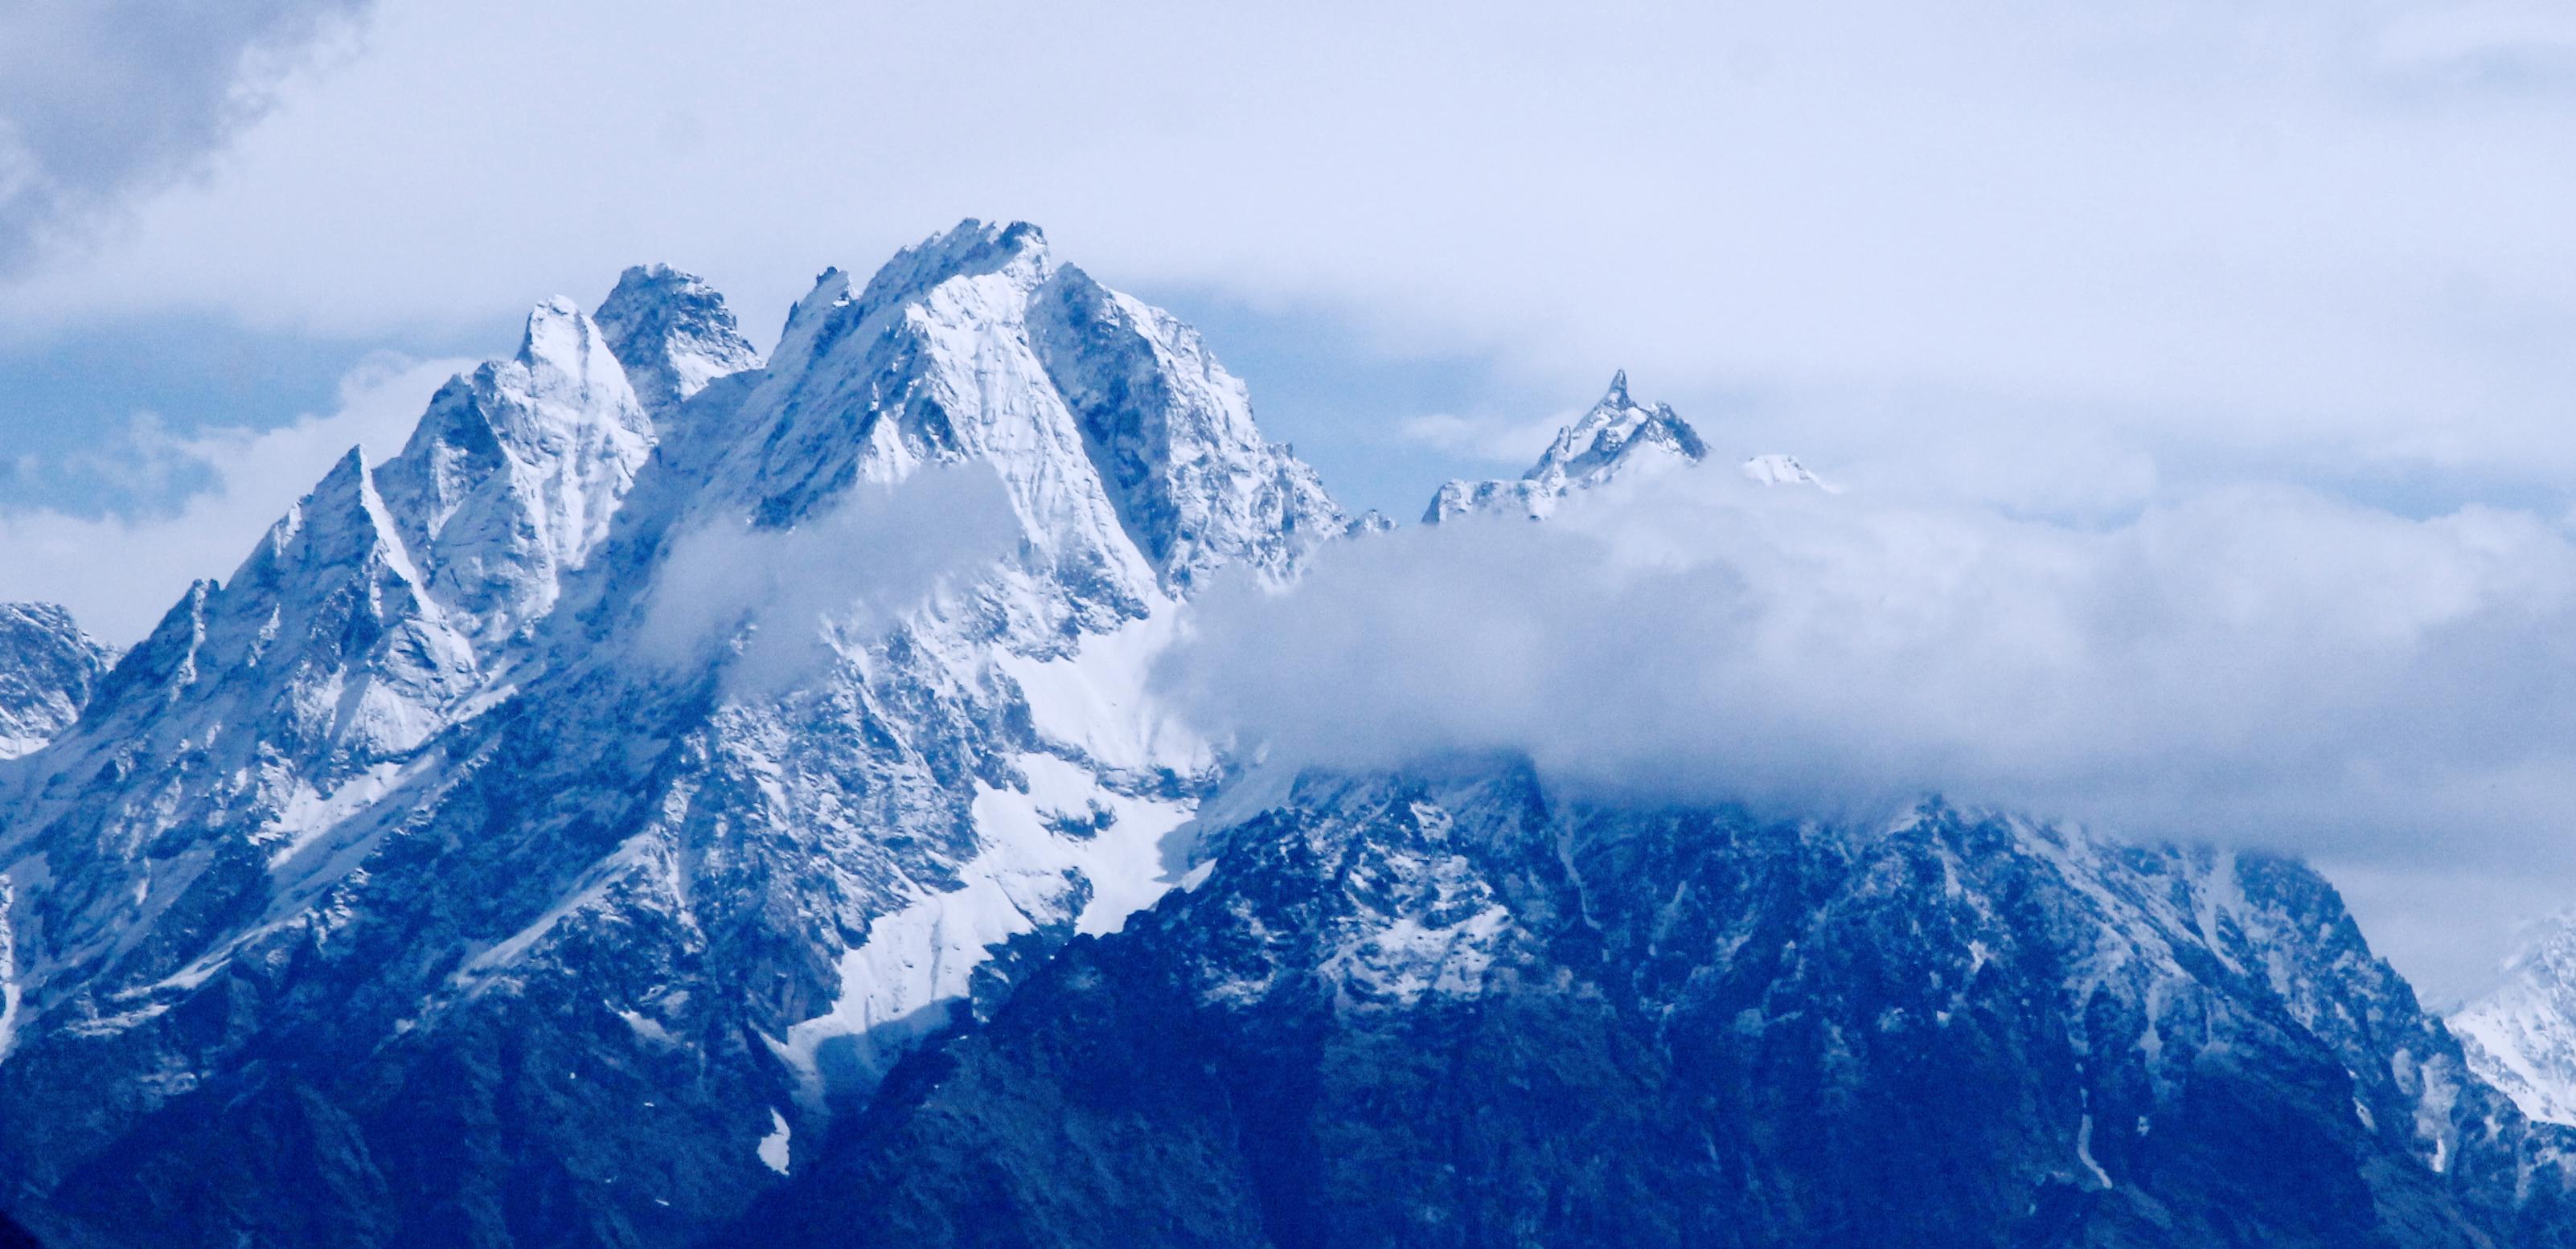 File:Himalayas.png.